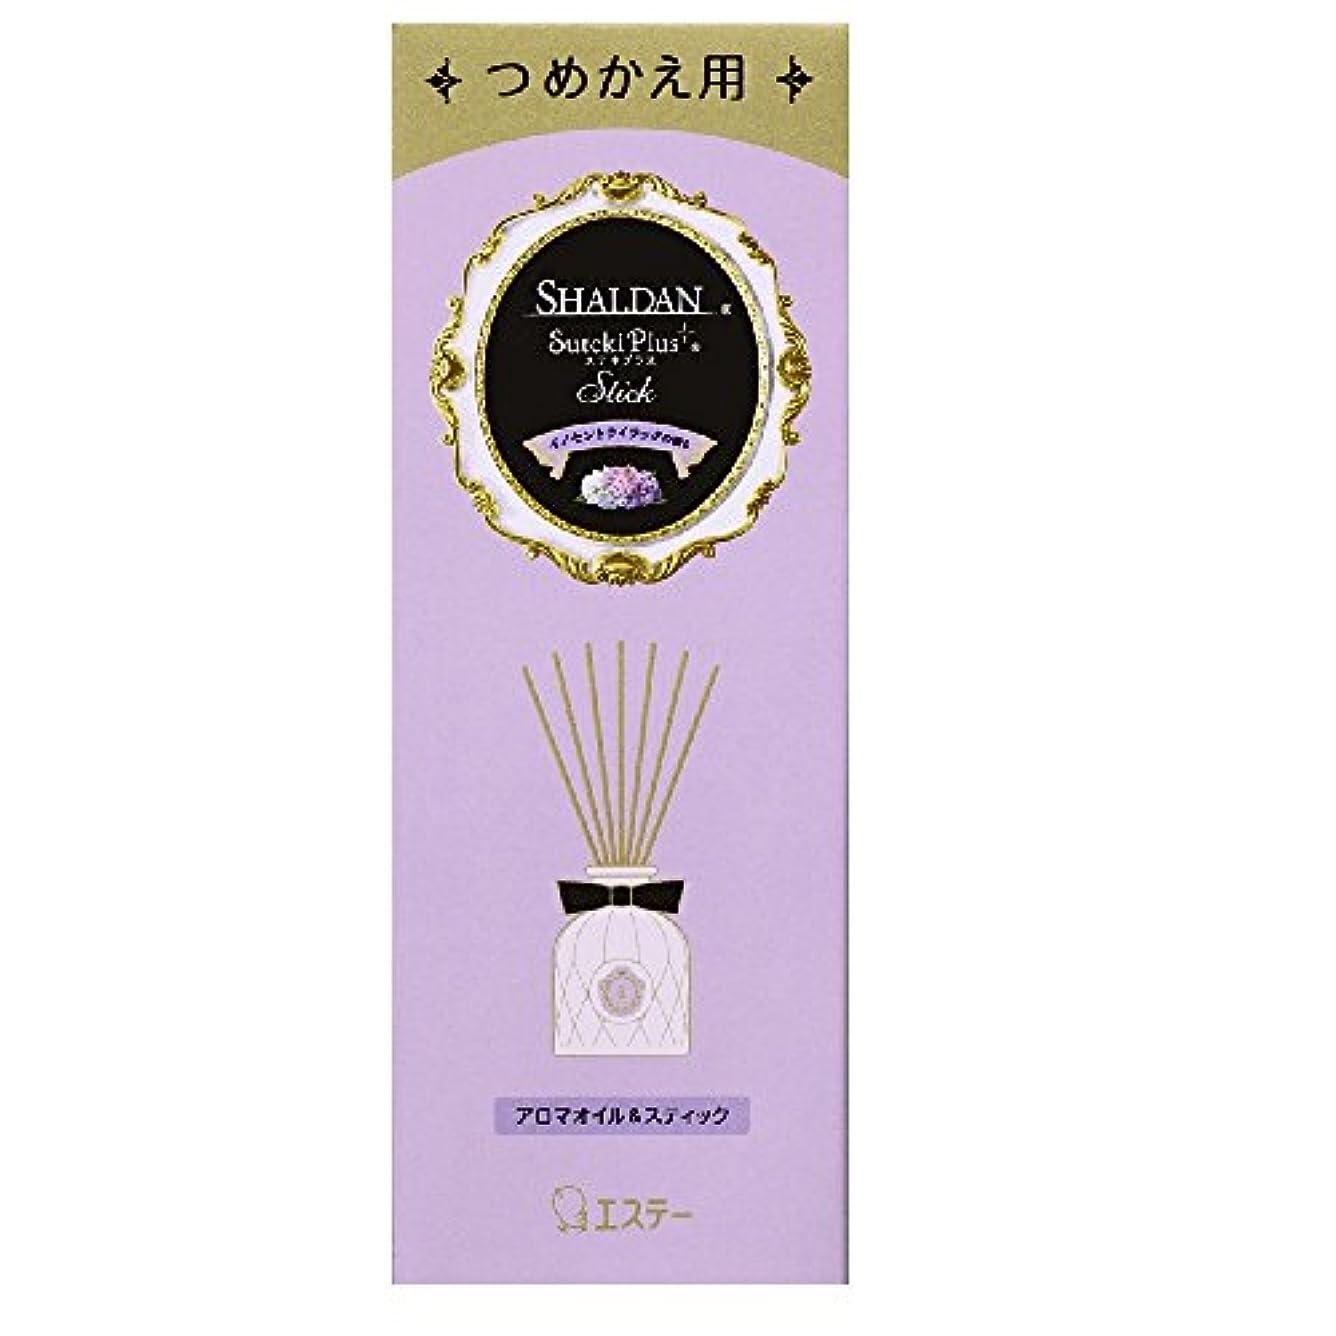 競争力のあるうまくやる()励起シャルダン SHALDAN ステキプラス スティック 消臭芳香剤 部屋用 部屋 つめかえ イノセントライラックの香り 45ml